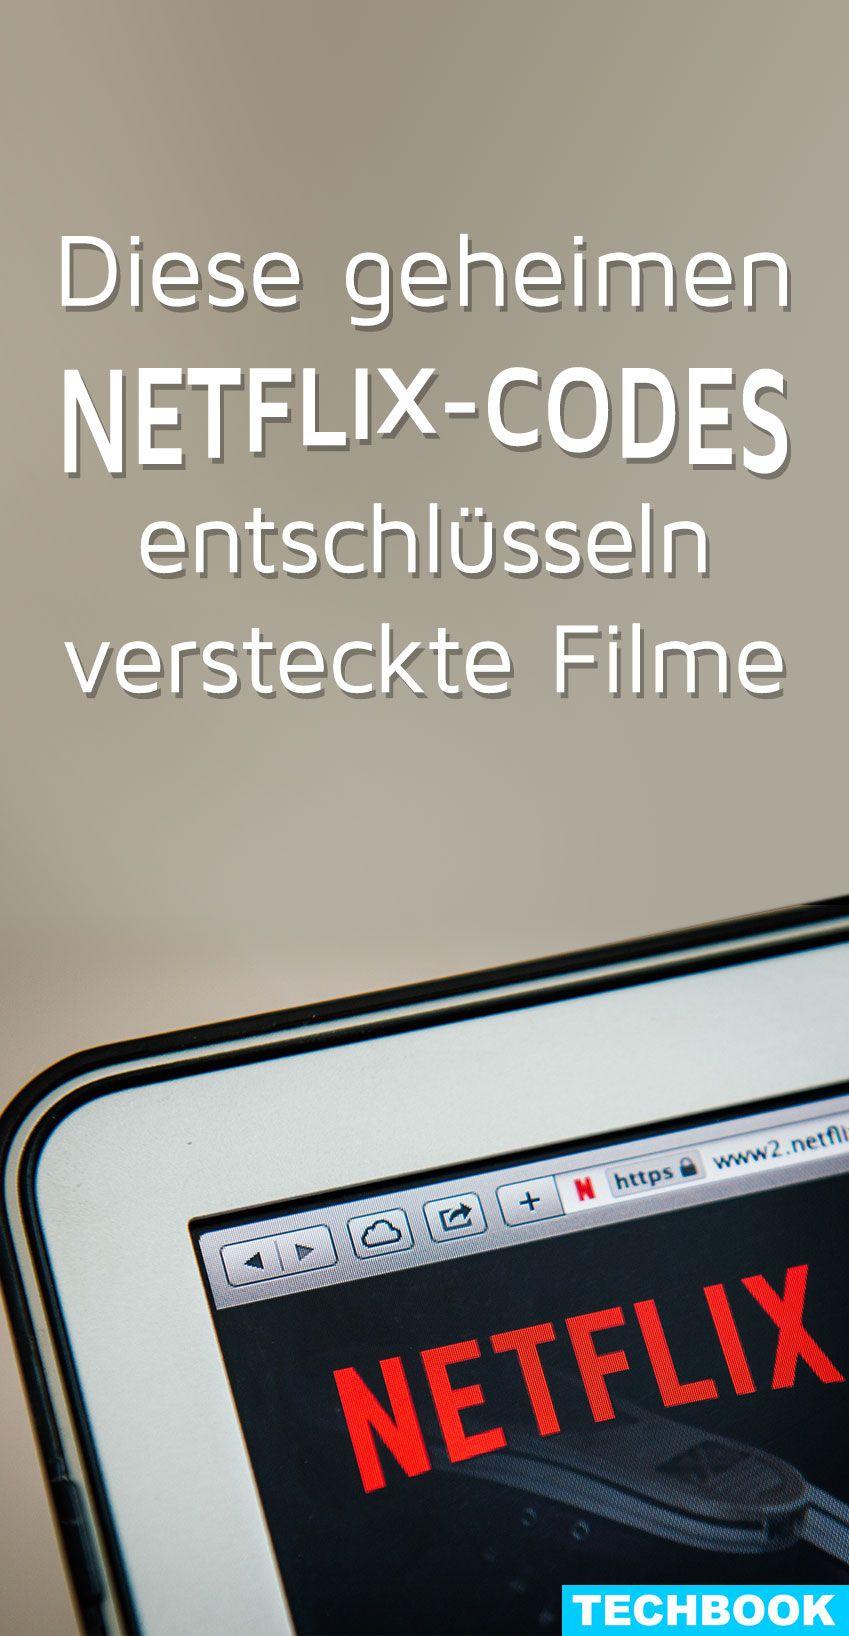 Mit diesen geheimen Netflix-Codes finden Sie versteckte Filme #computer